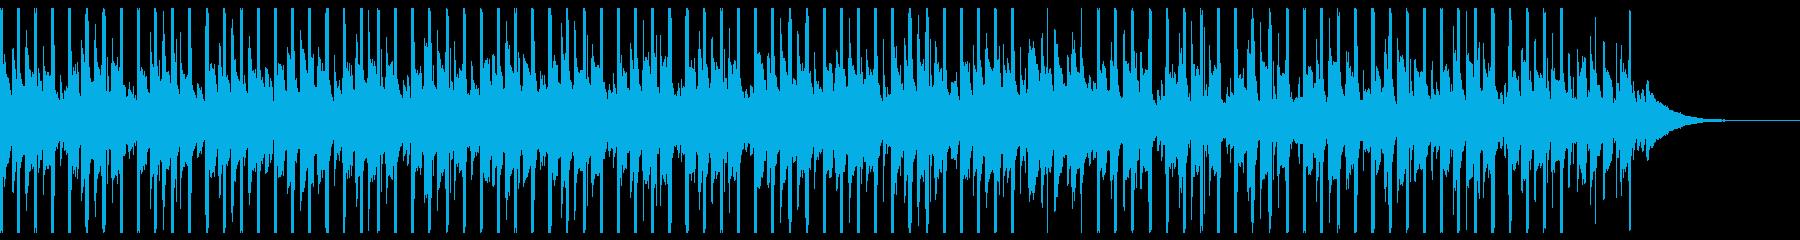 情報技術(50秒)の再生済みの波形